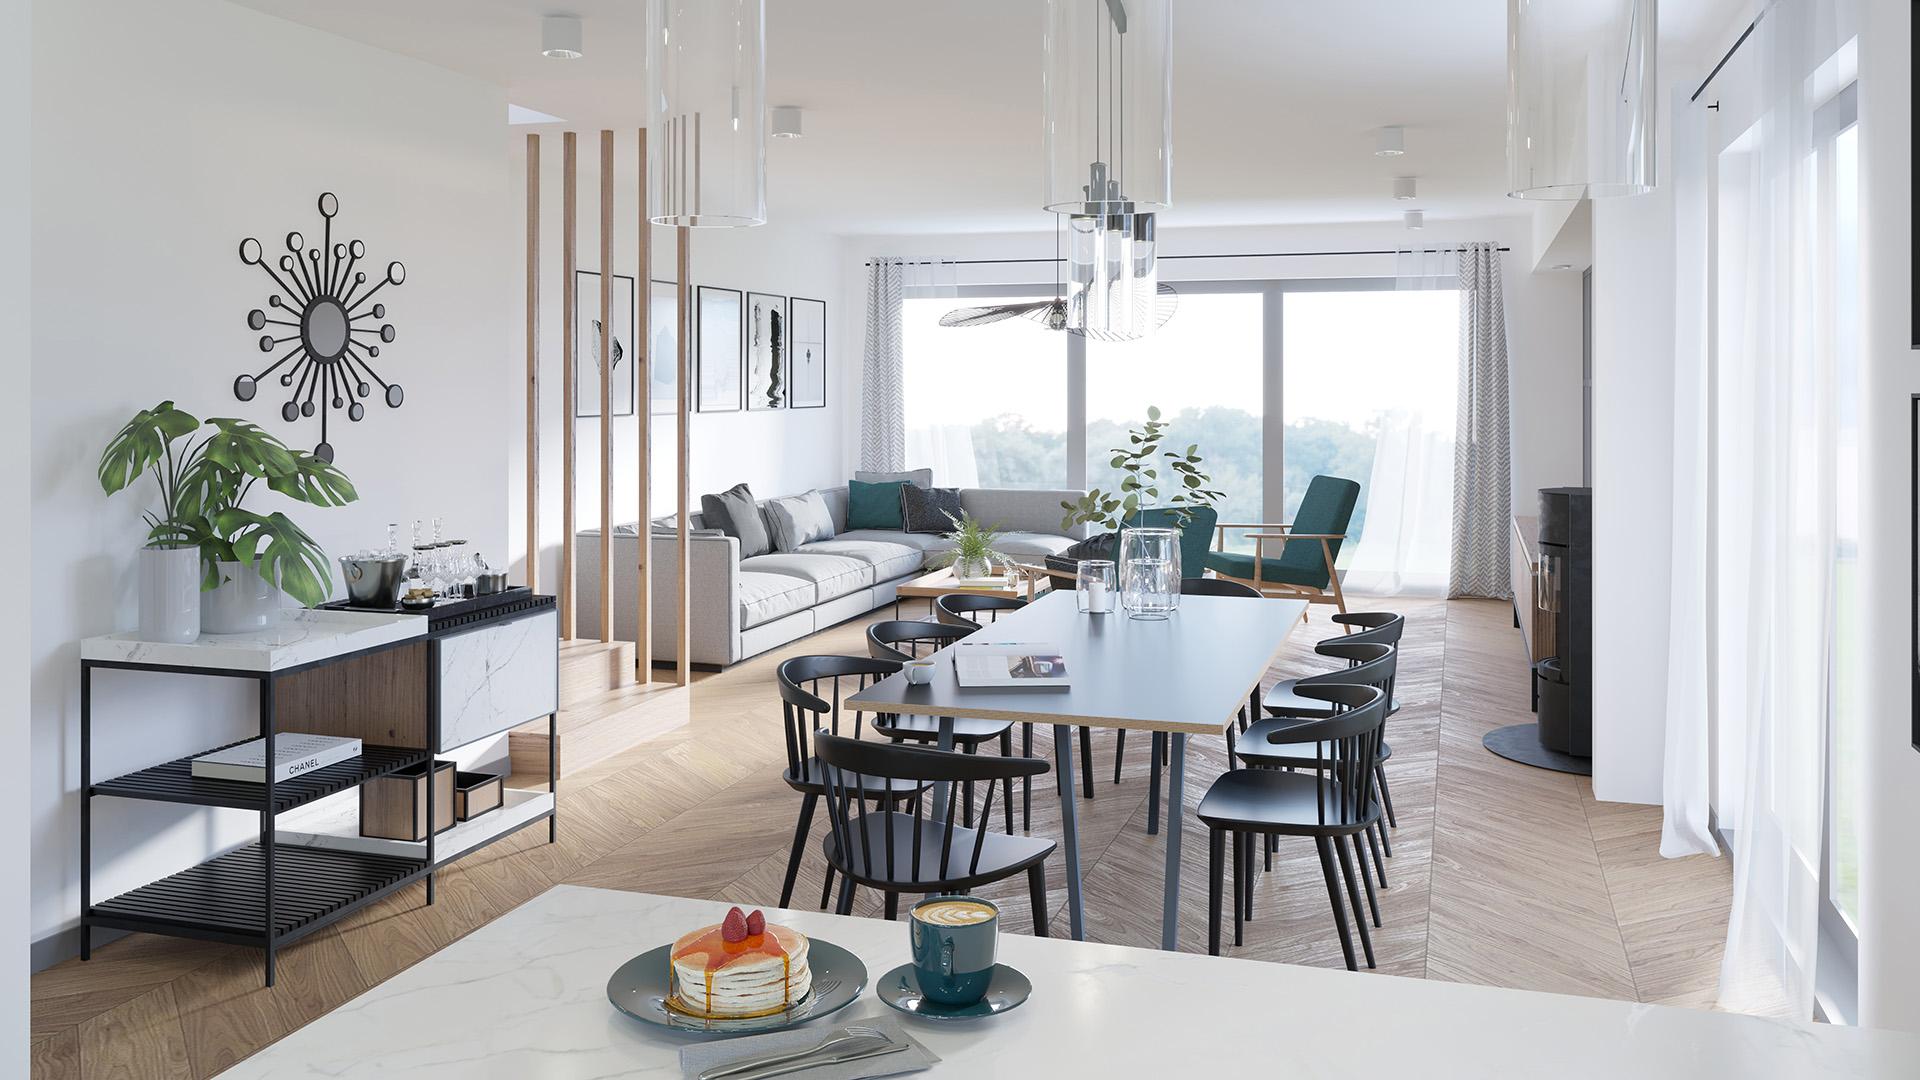 Projekt wnętrz - domy szeregowe, salon z  kuchnią, podłoga jodełka. M2 Architektura Katowice - Pracownia Projektowa Katowice